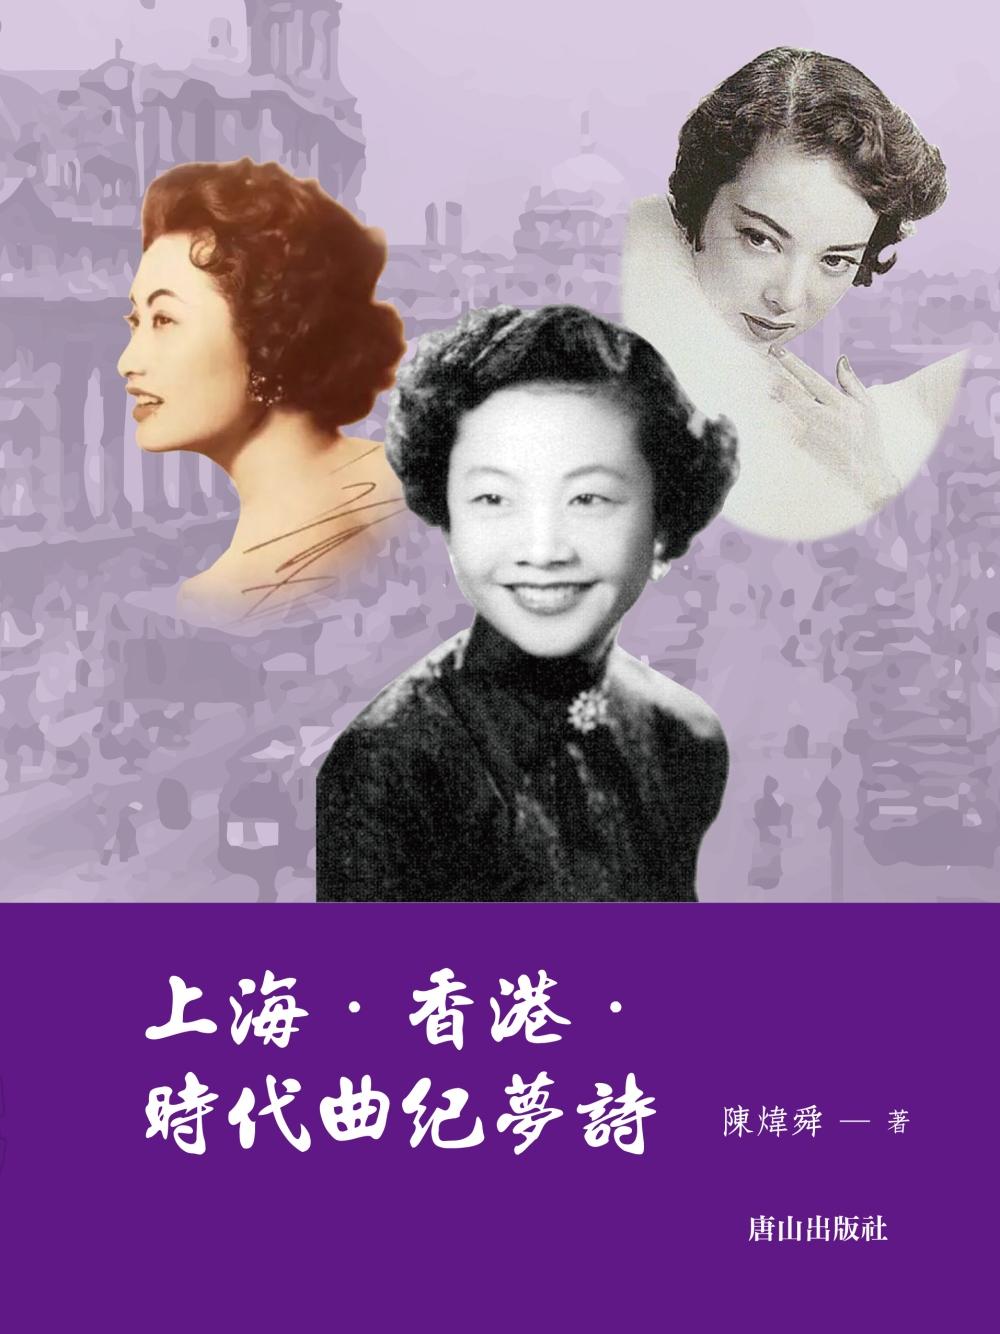 上海.香港.時代曲紀夢詩